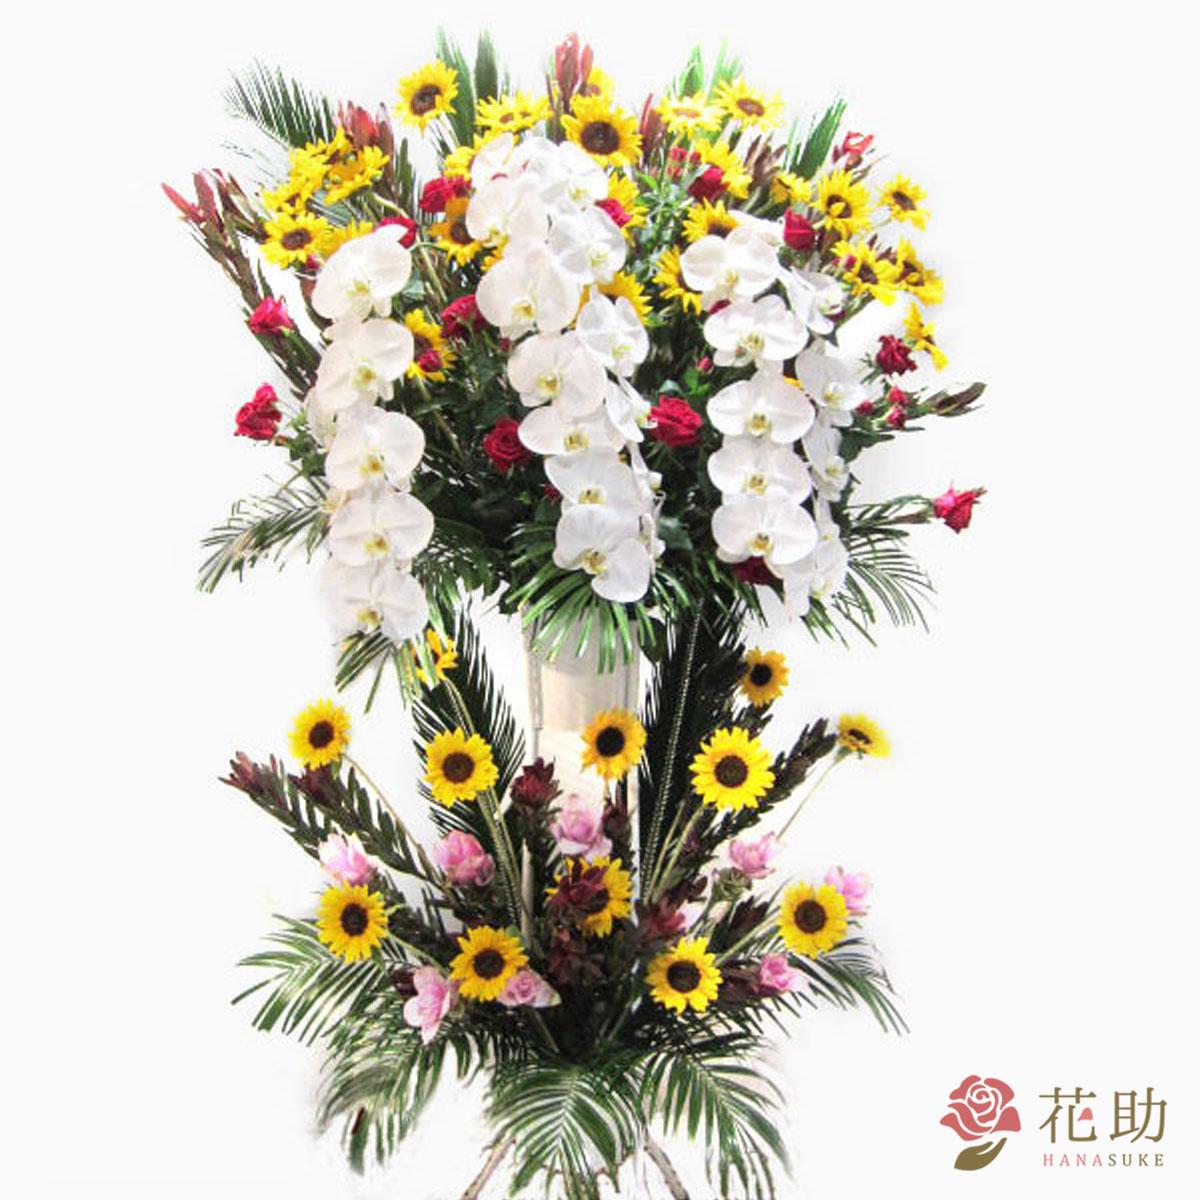 【スタンド花】フラワーコンシェルジュが厳選した花屋のお祝いスタンド花 豪華2段 80000円【_メッセ入力】送料無料、即日配達、無料名札付き、画像送信